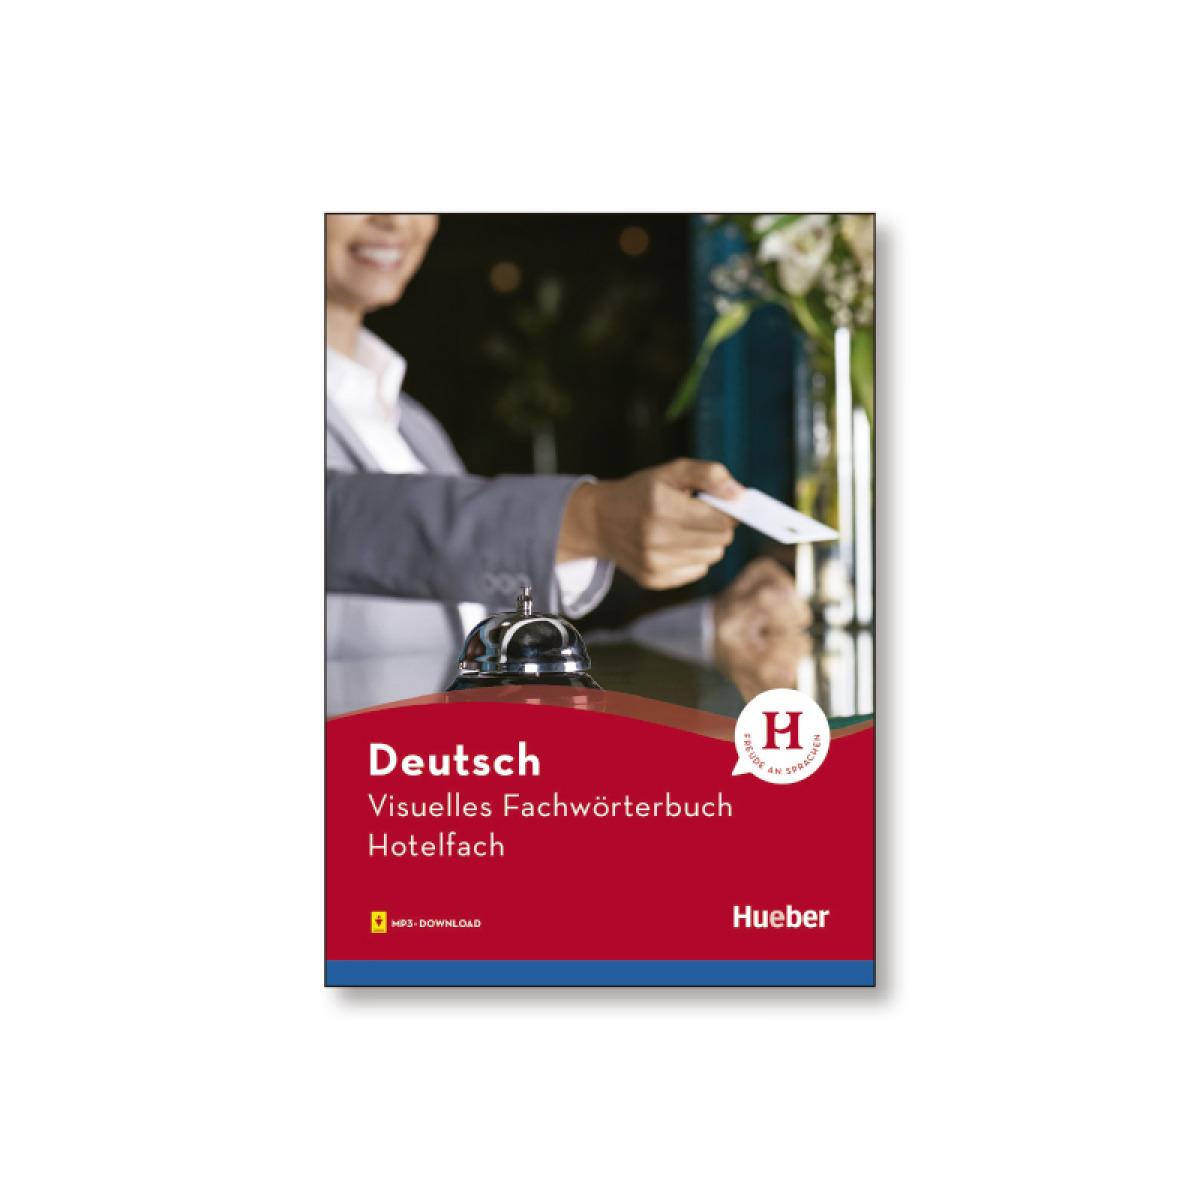 Visuelles Fachwoerterbuch Hotelfach